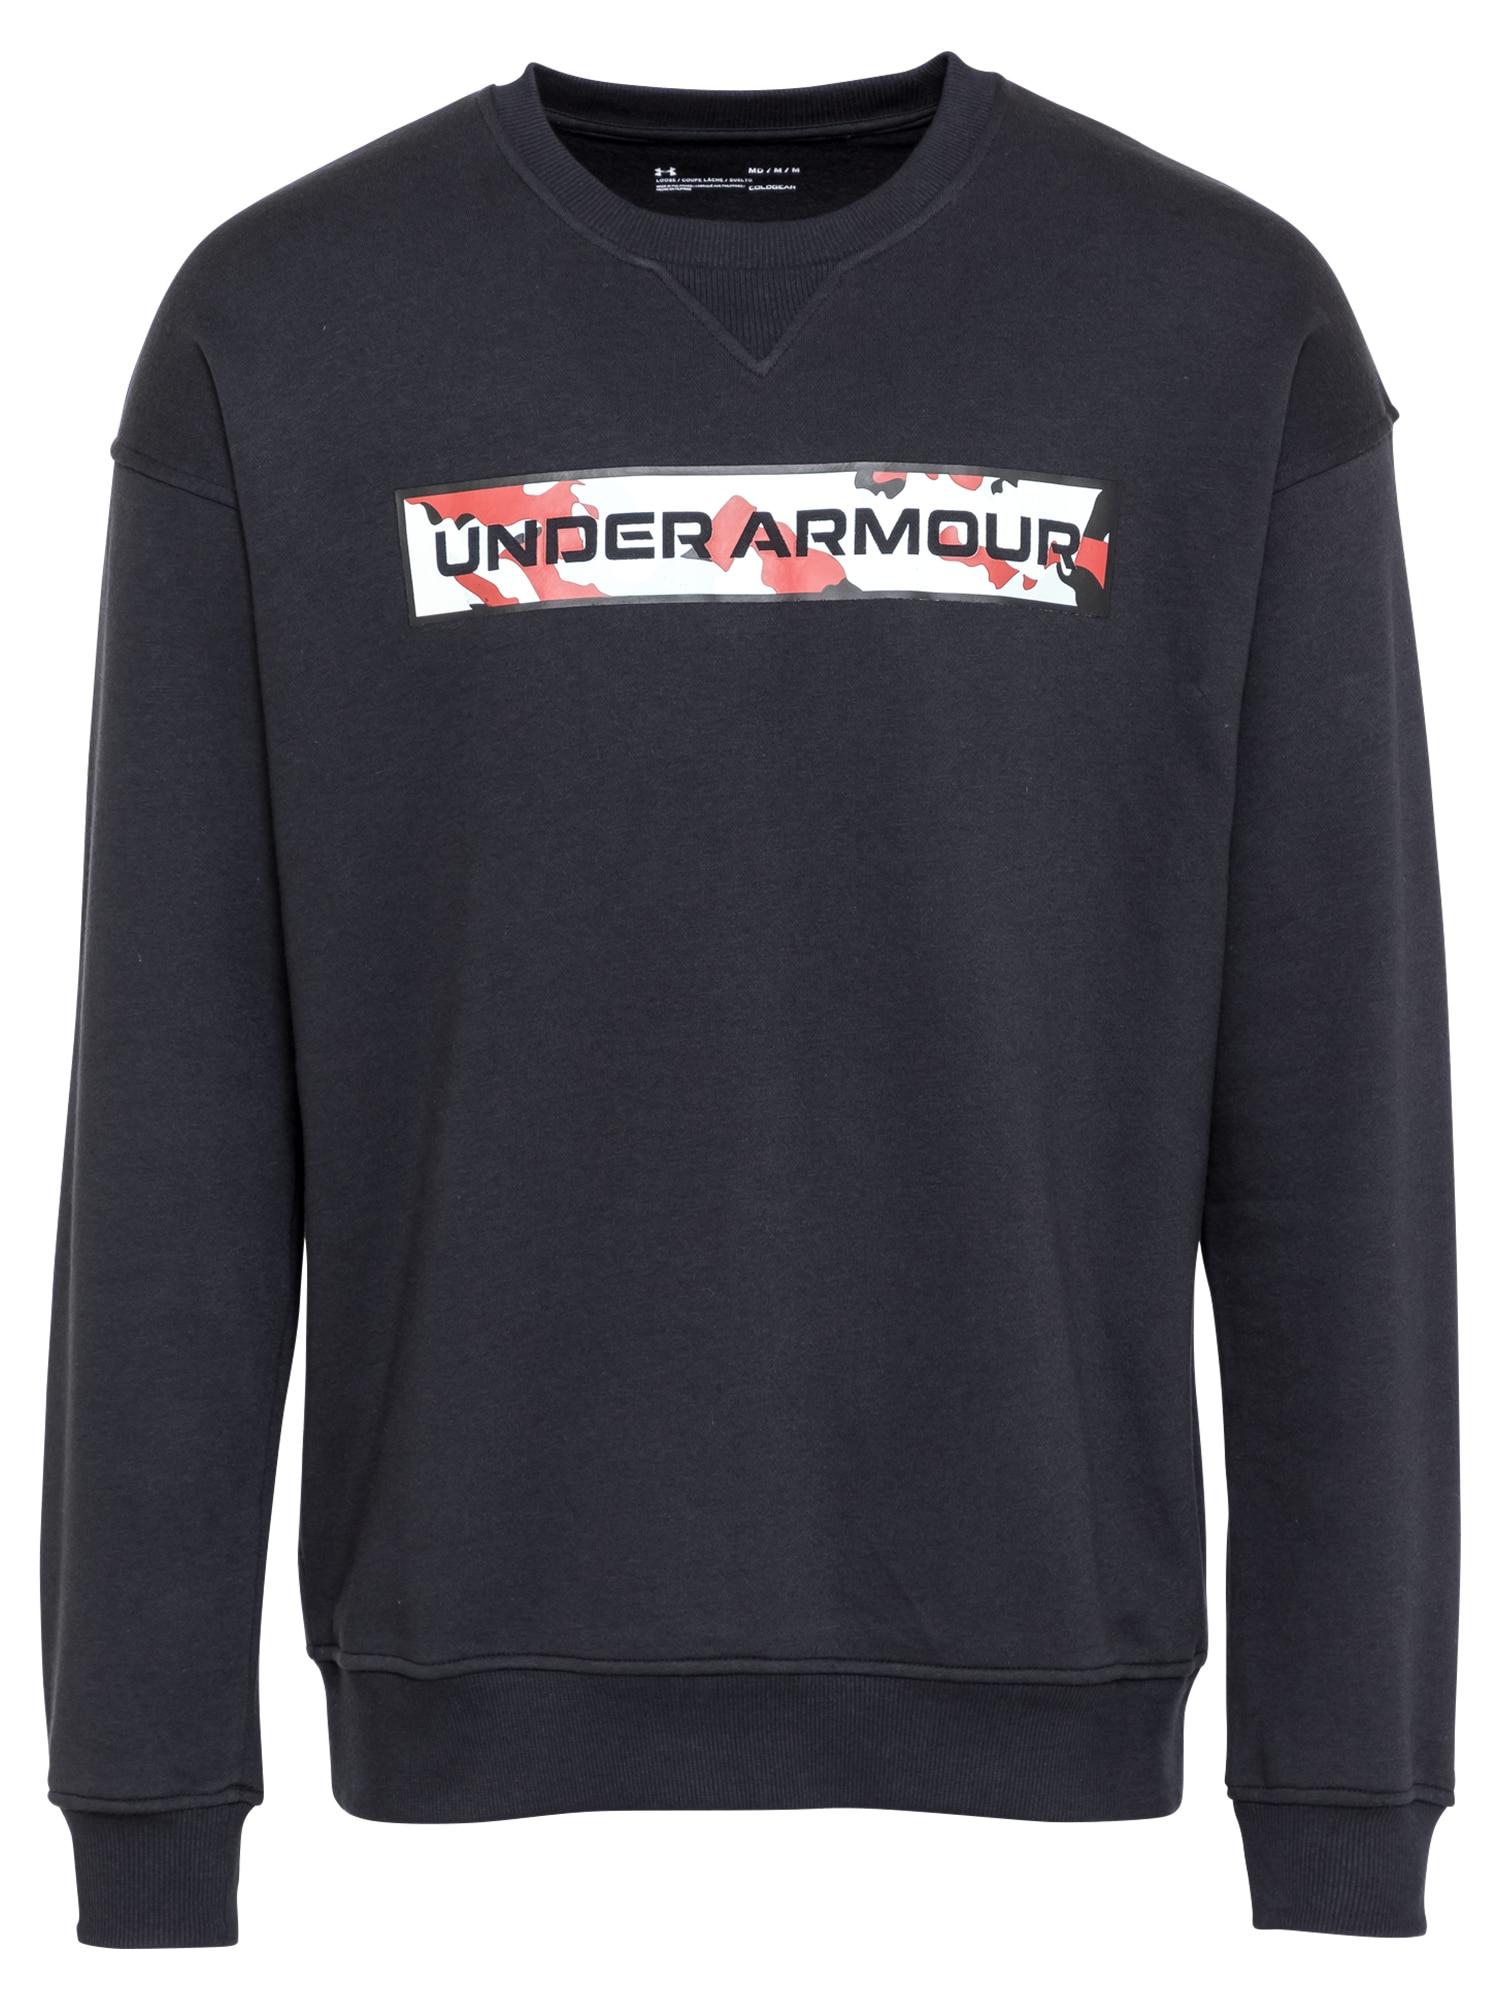 UNDER ARMOUR Sportinio tipo megztinis juoda / balta / raudona